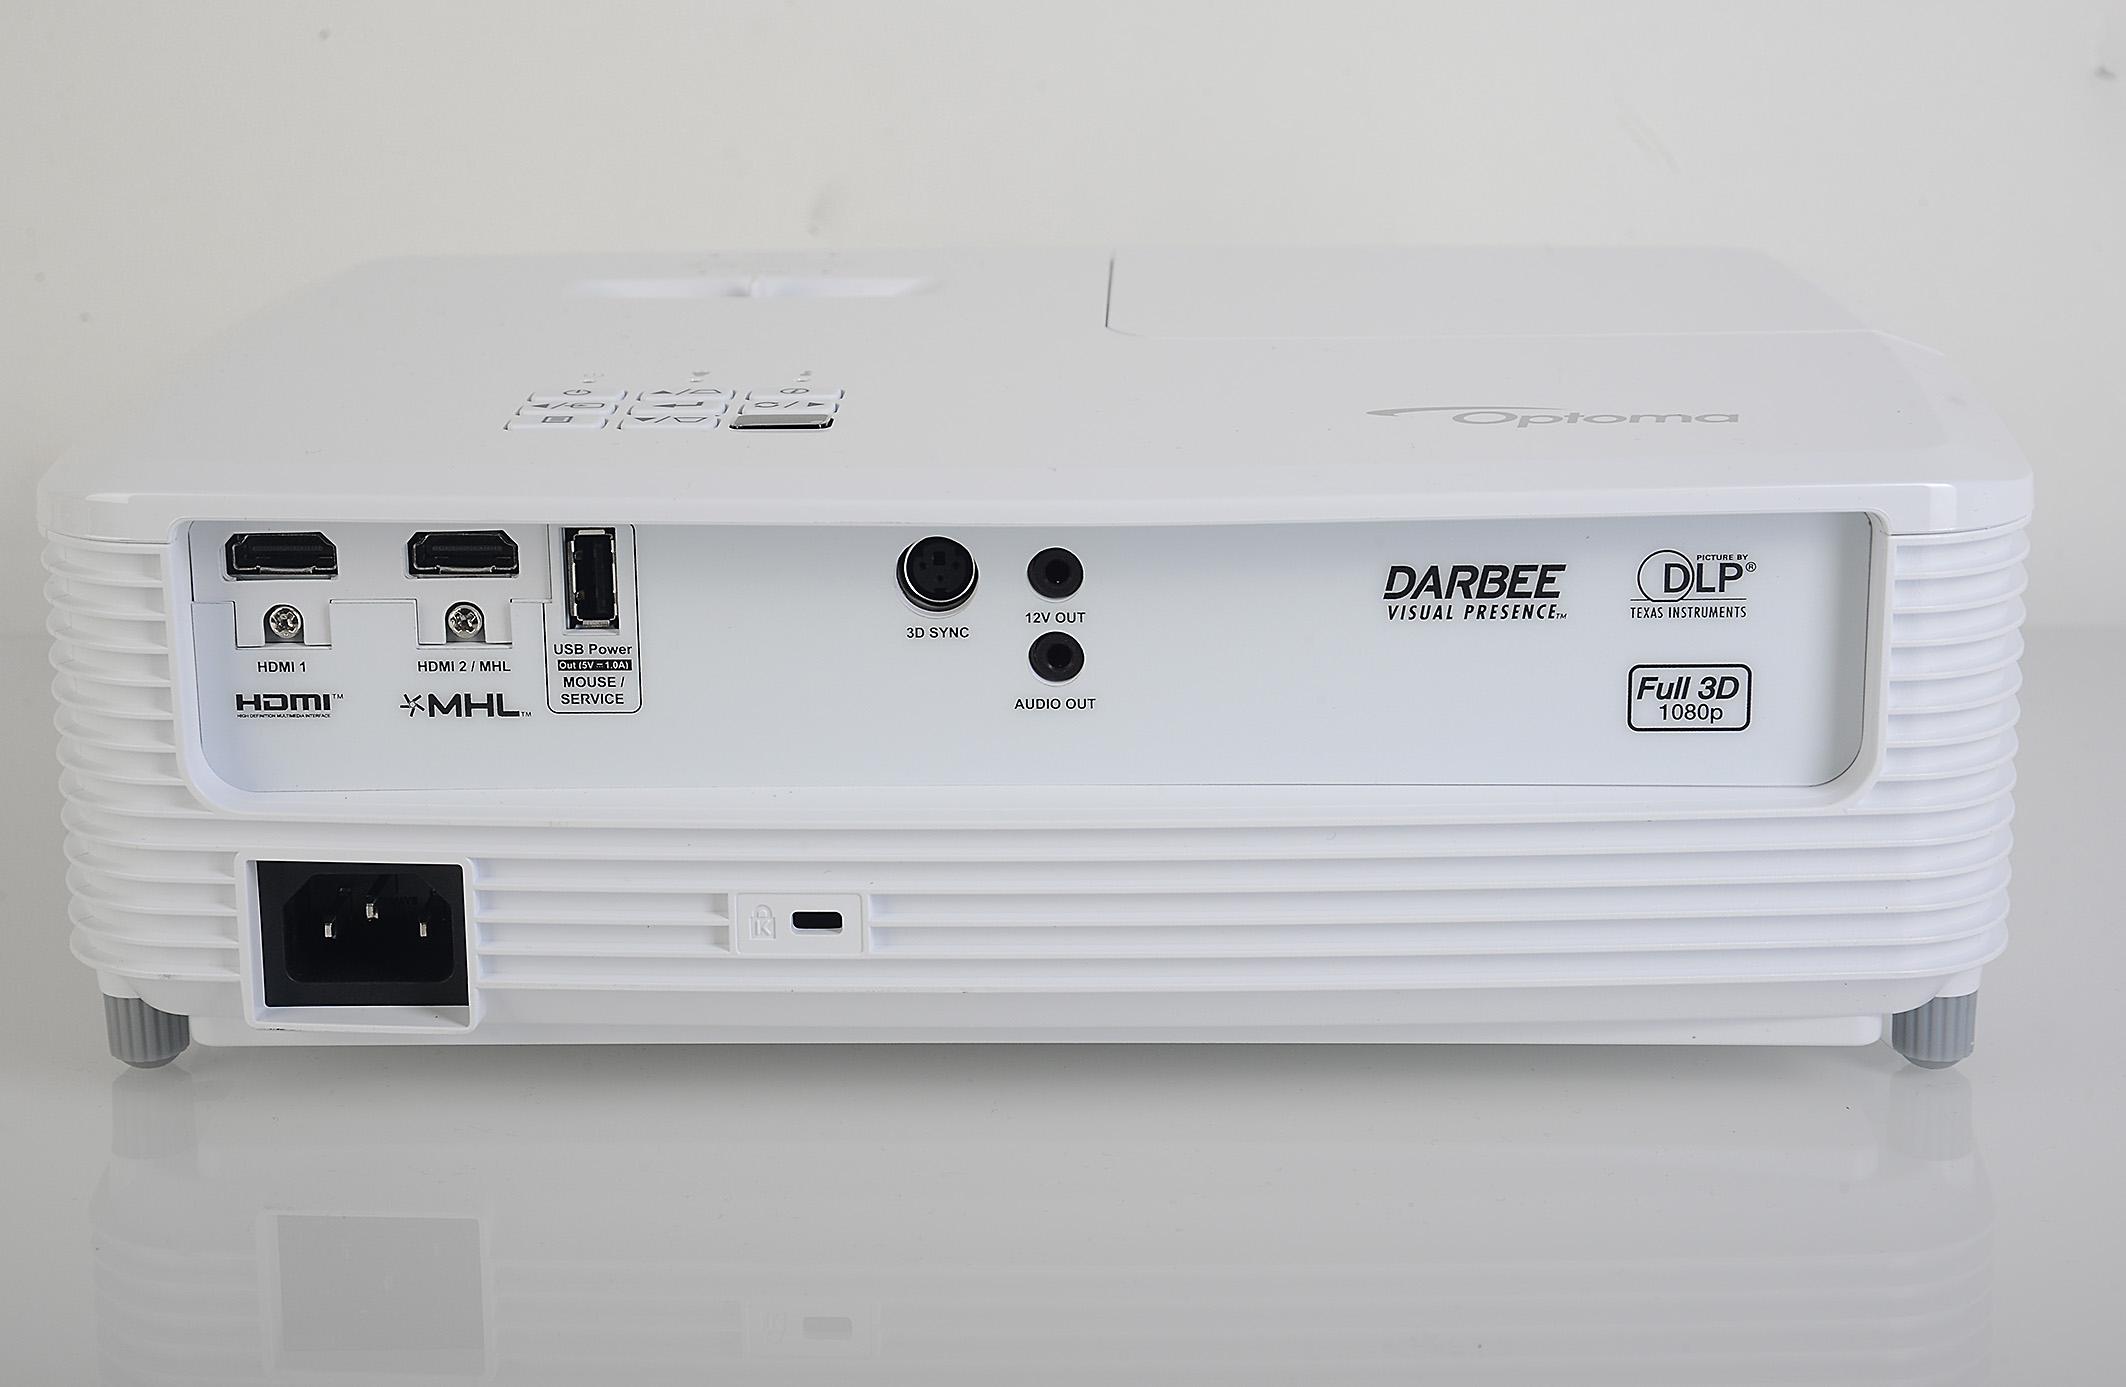 Foto: Michael B. Rehders - Gleich zwei HDMI-Anschlüsse befinden sich auf der Rückseite. Einer davon ist MHL-fähig. Mit dem 3D-Sync kann ein externer 3D-Funk-Sender verbunden werden. Wirklich notwendig ist das aber nicht, weil 3D via Rot-Blitz im Projektor bereits integriert ist und hervorragend funktioniert – und das sogar mit flimmerfreien 144 Hz (Triple Flash).